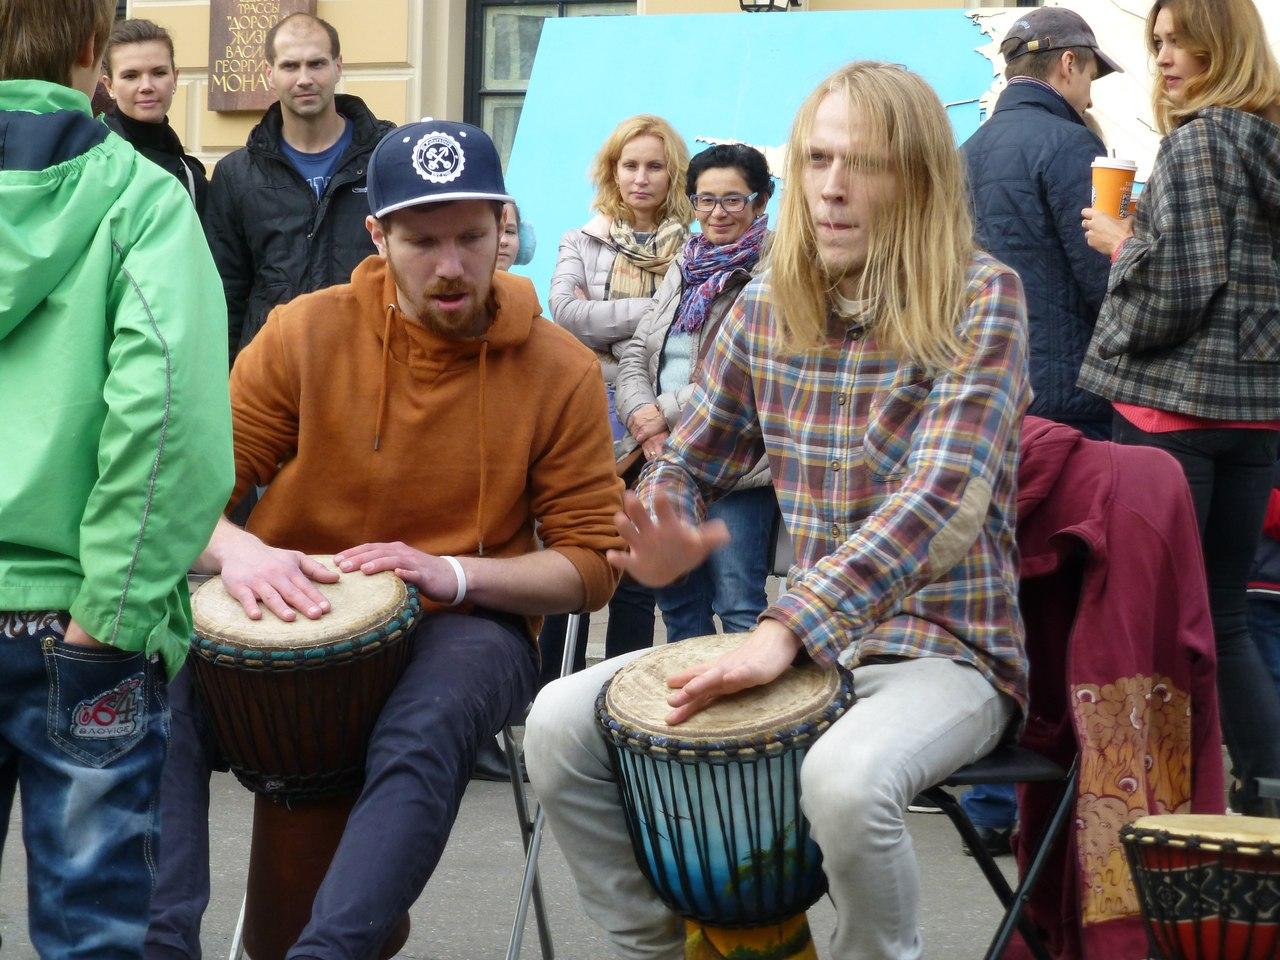 День уличной музыки | Street music day | СПб 20 мая 2017, Санкт-Петербург, источник фото: https://vk.com/smdspb